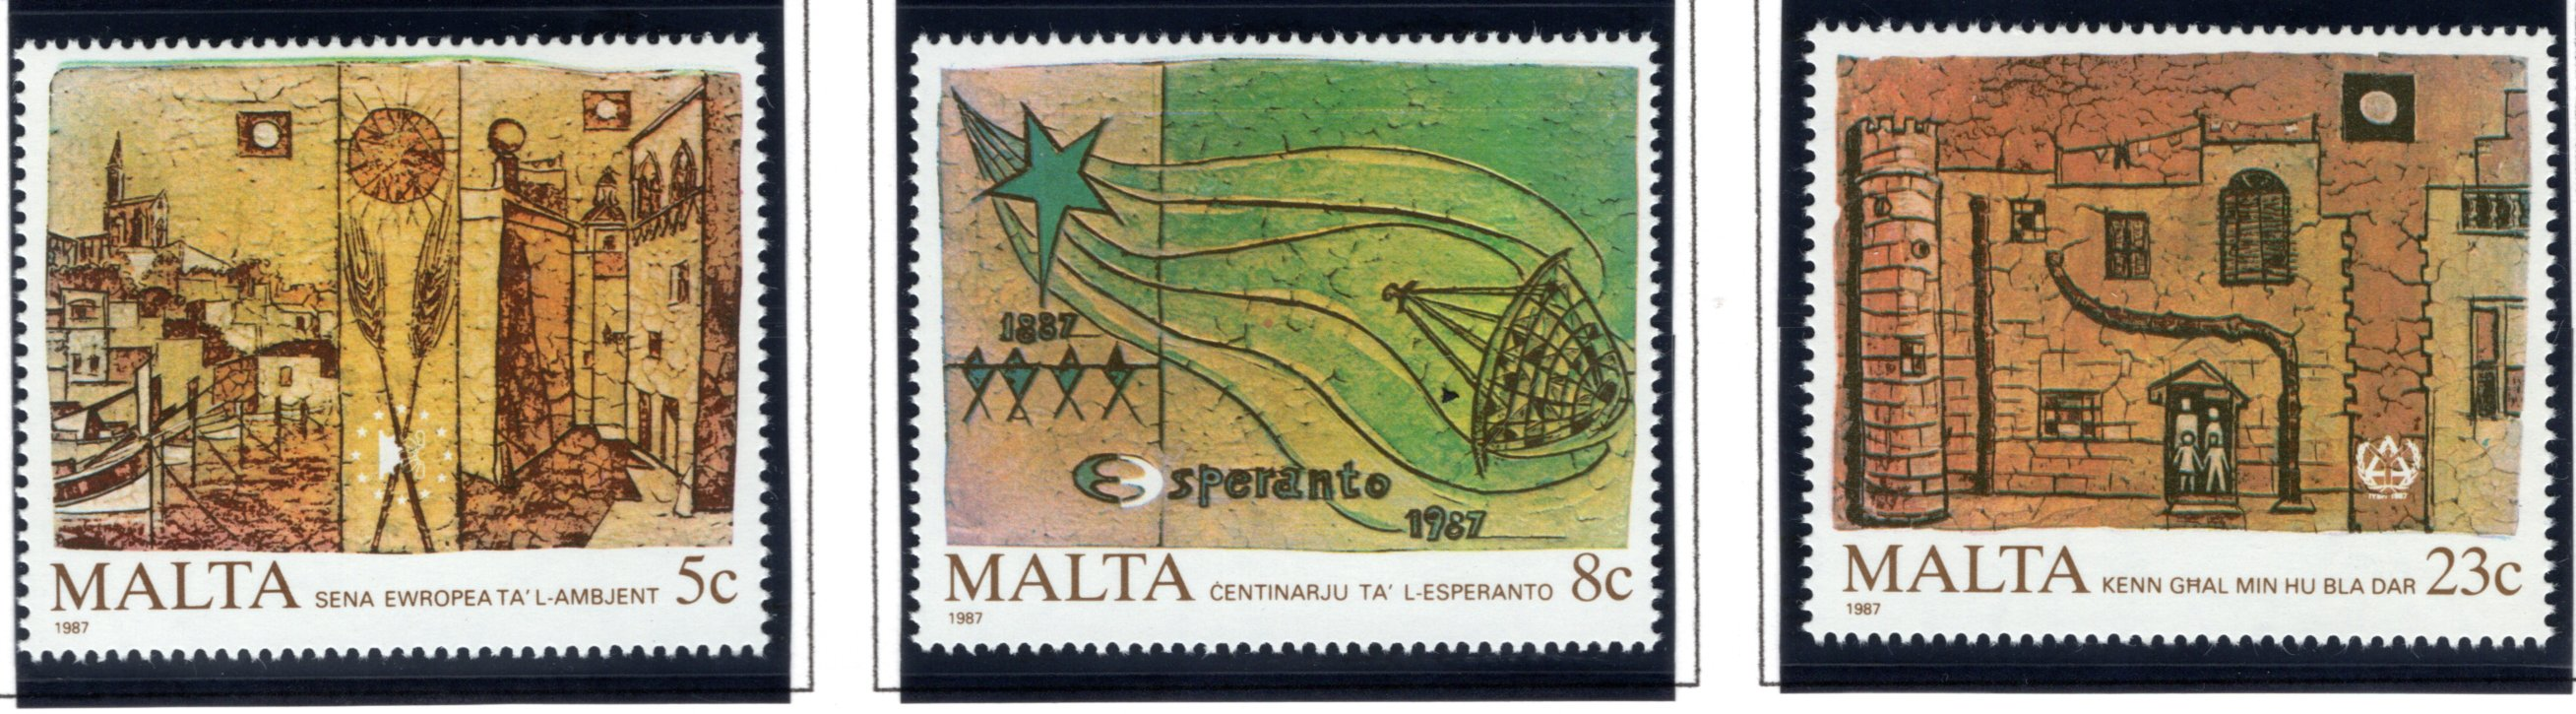 700-702 Malta, European Environment Year Stamp Set, 1987, MNHOG